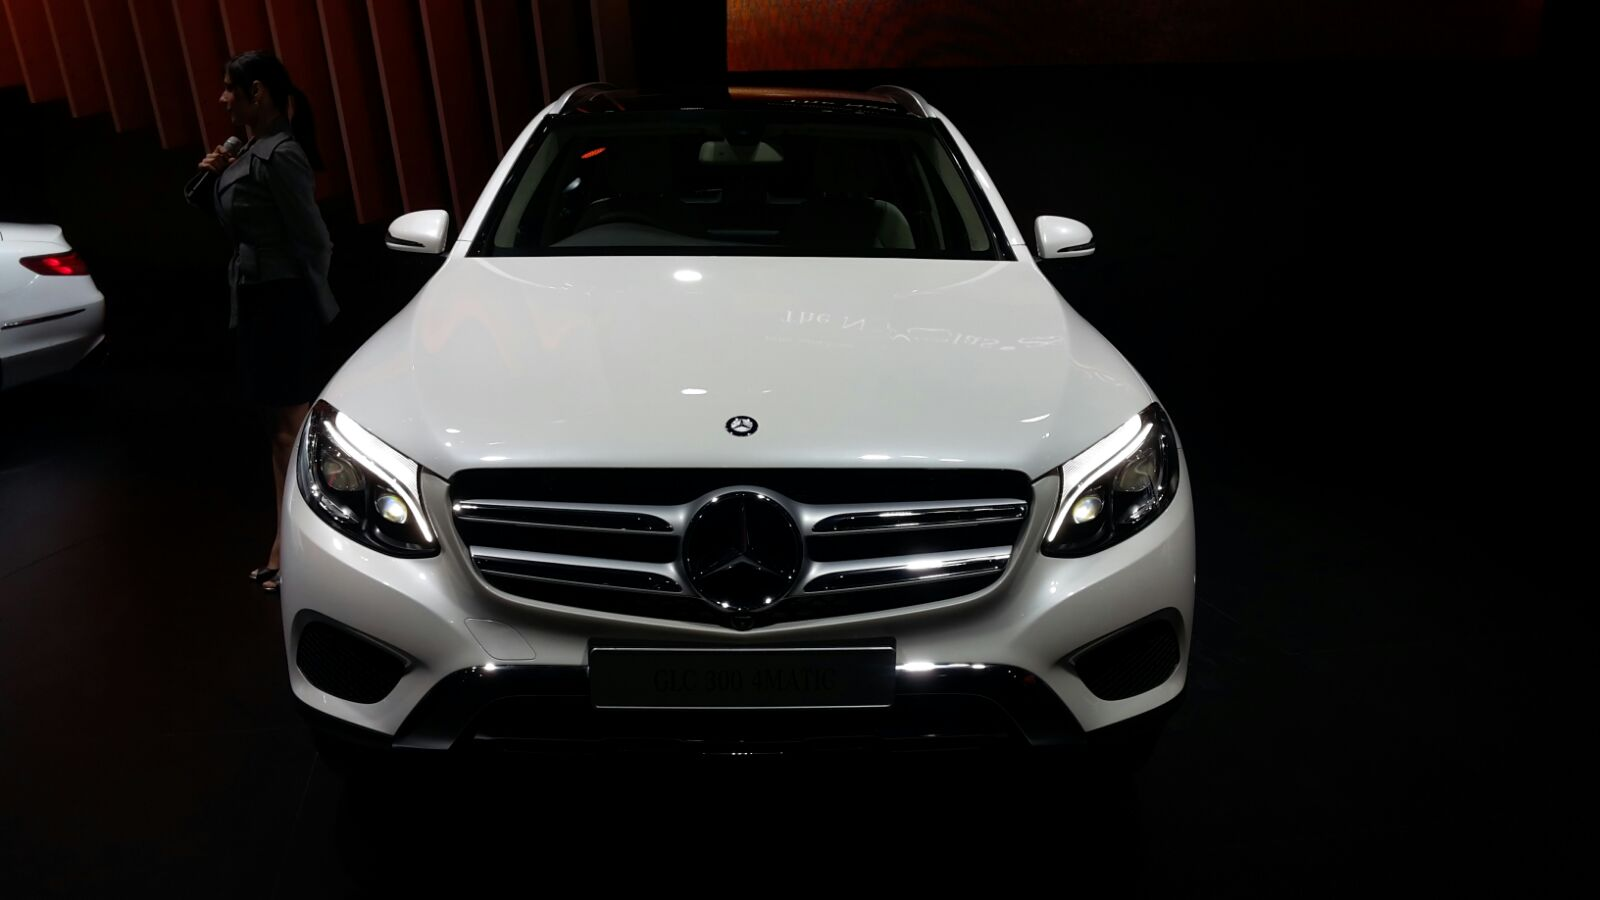 Mercedes Cars At Auto Expo 2016 Mercedes Benz At Delhi